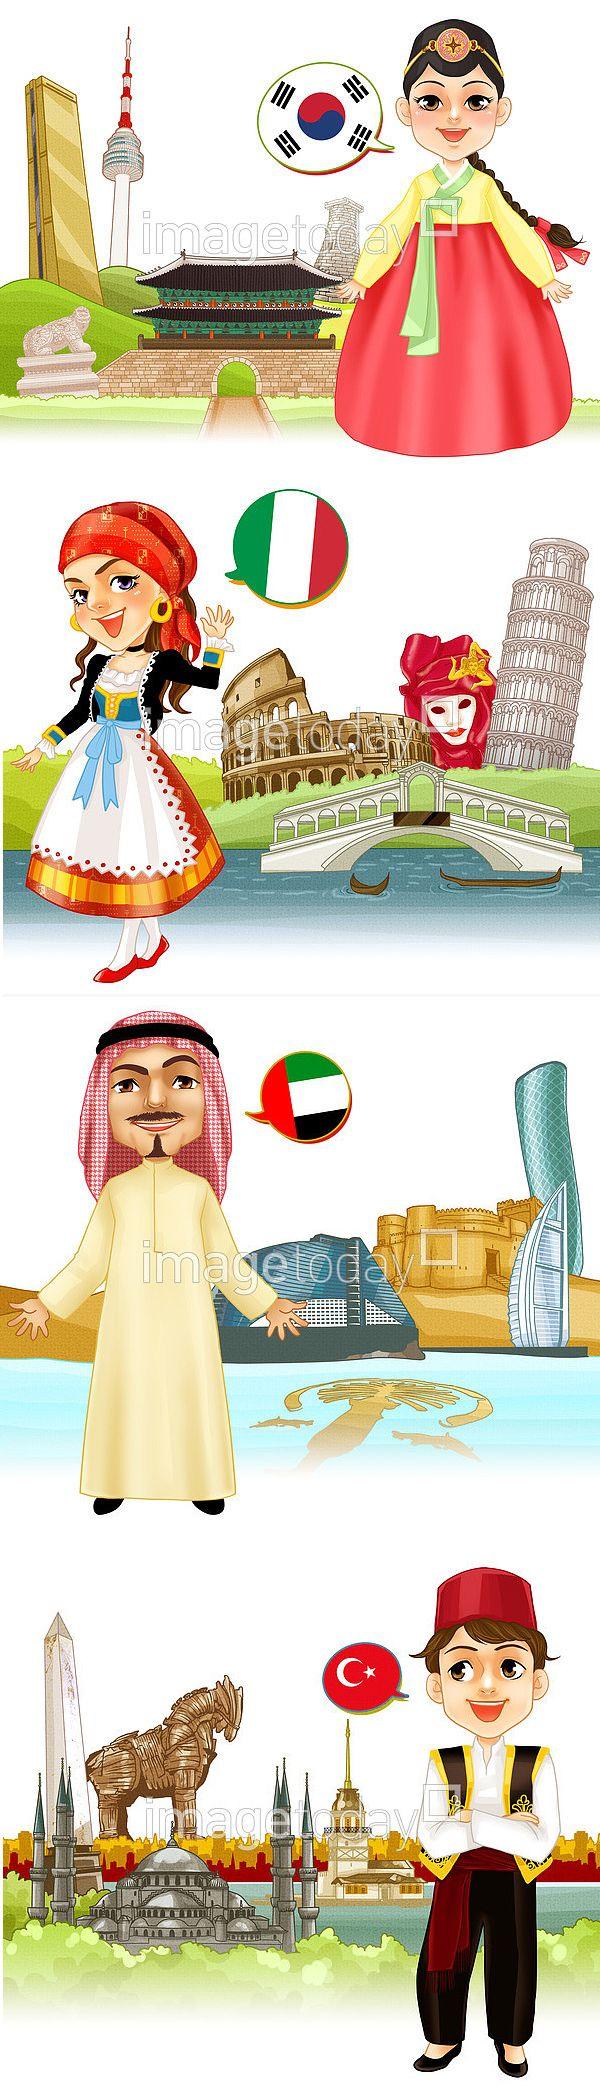 이미지투데이 랜드마크 문화 서울 남산 타워 한국 태극기 남대문 이탈리아 콜로세움 마천루 아랍에미리트 중동 캐릭터 터키 무슬림 종교 통로이미지 tongroimages imagetoday landmark culture seoul namsan tower korea italy Colosseum United Arab Emirates Muslim religion drawing